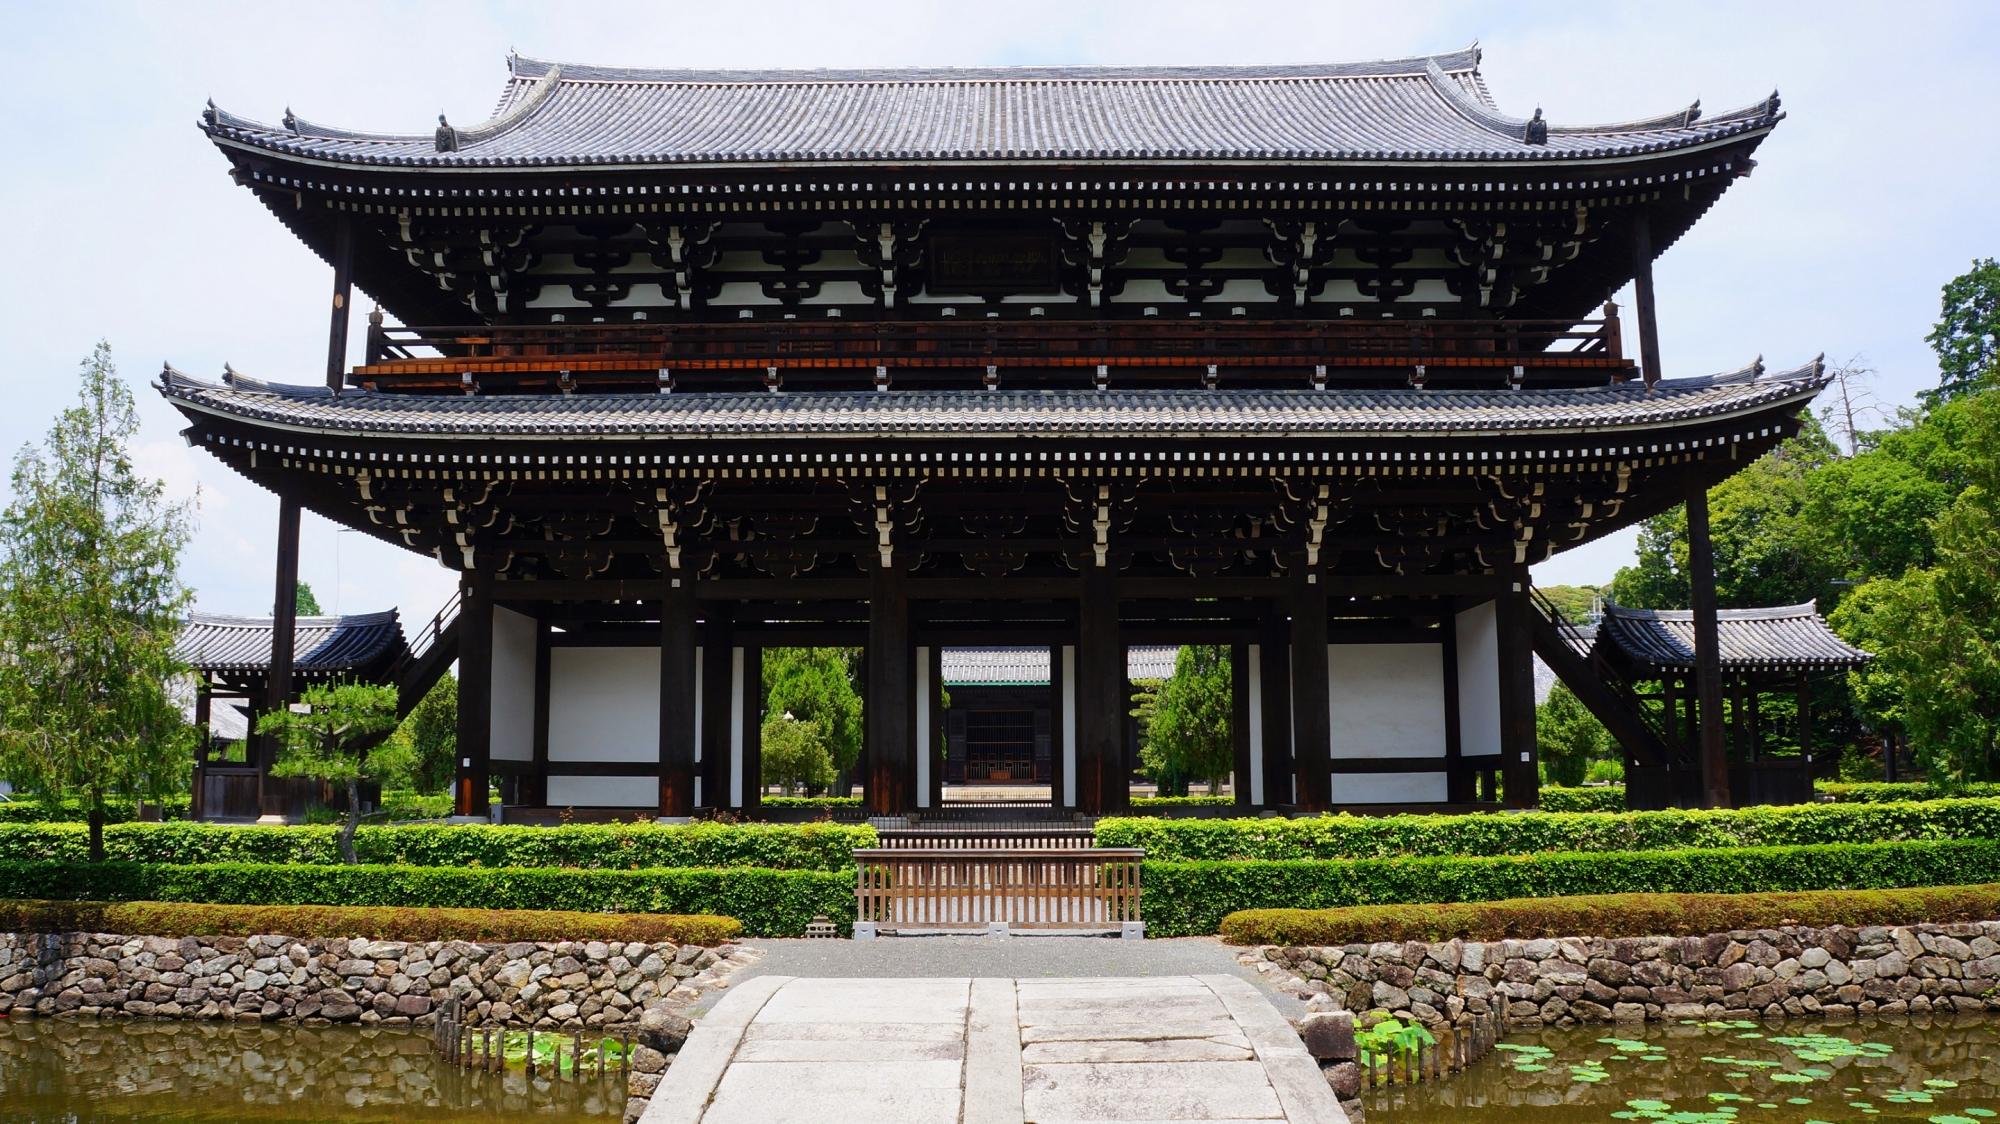 東福寺の雄大な佇まいの三門